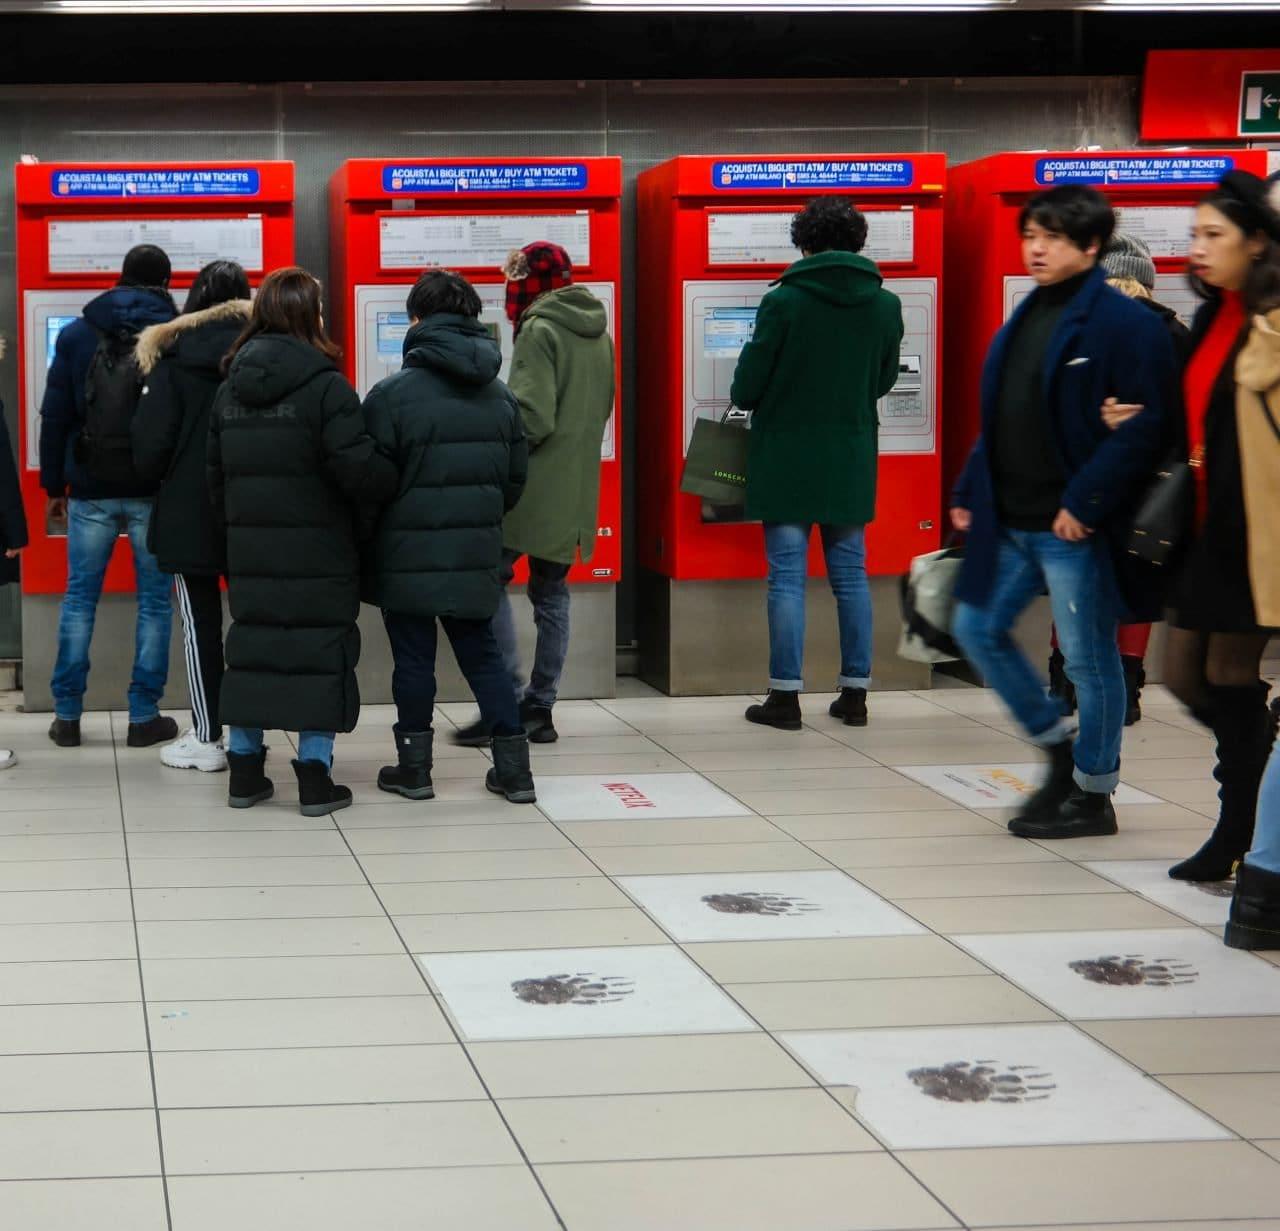 이탈리아 밀라노 두우모역에서 넷플릭스의 모글리 광고_모글리 발자국이 사람드링 많이 모이는 티켓 머신앞에서부터 시작한다, Image by Happist